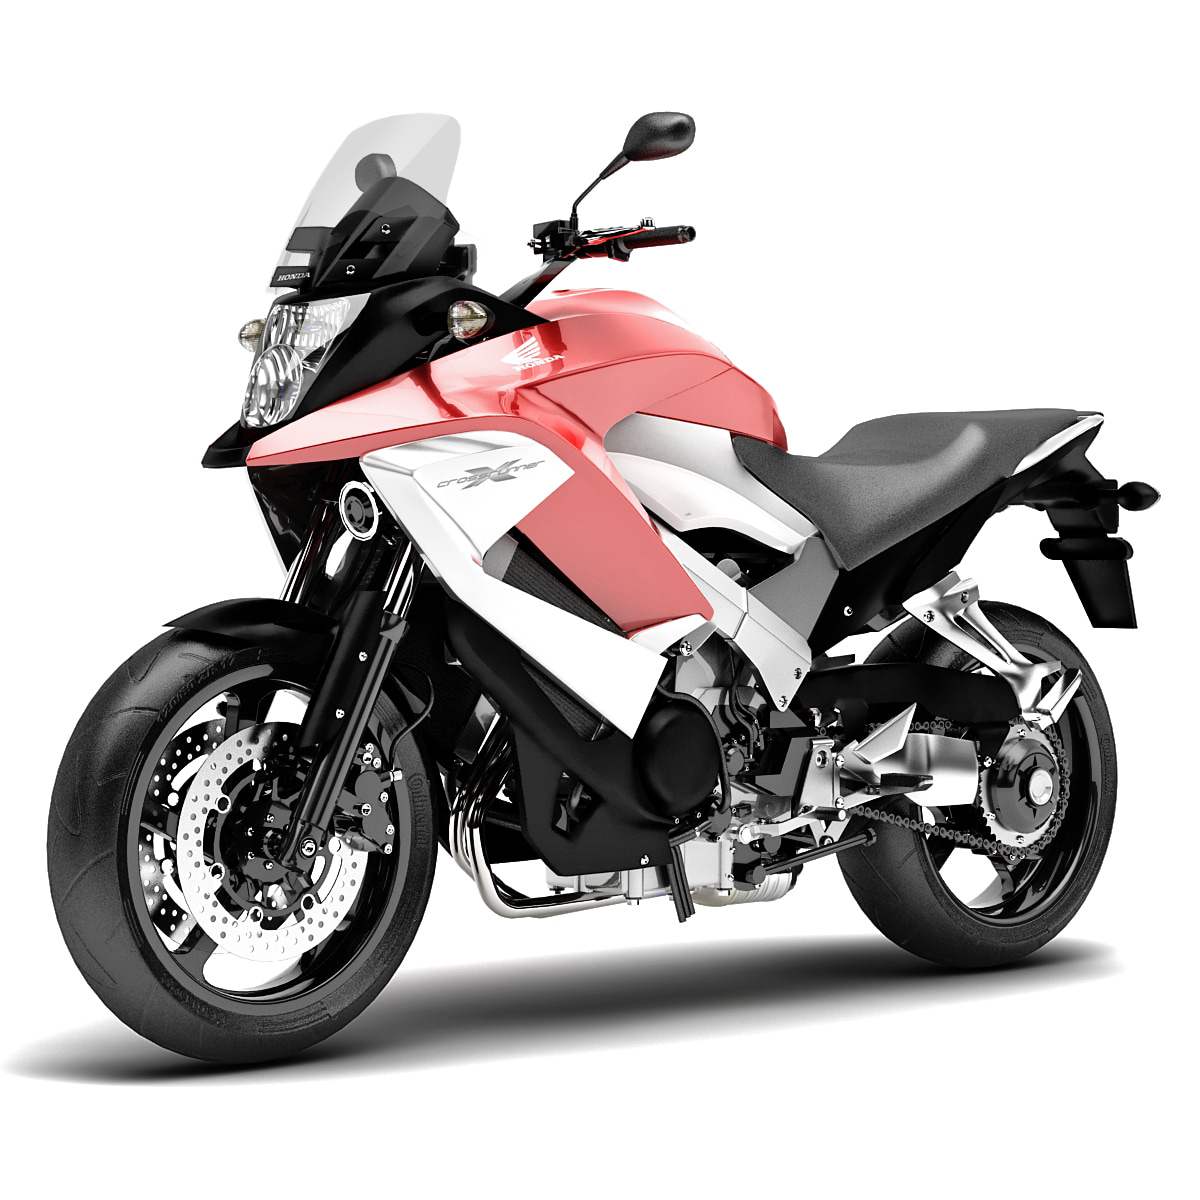 Honda_Crossrunner___0001.jpg